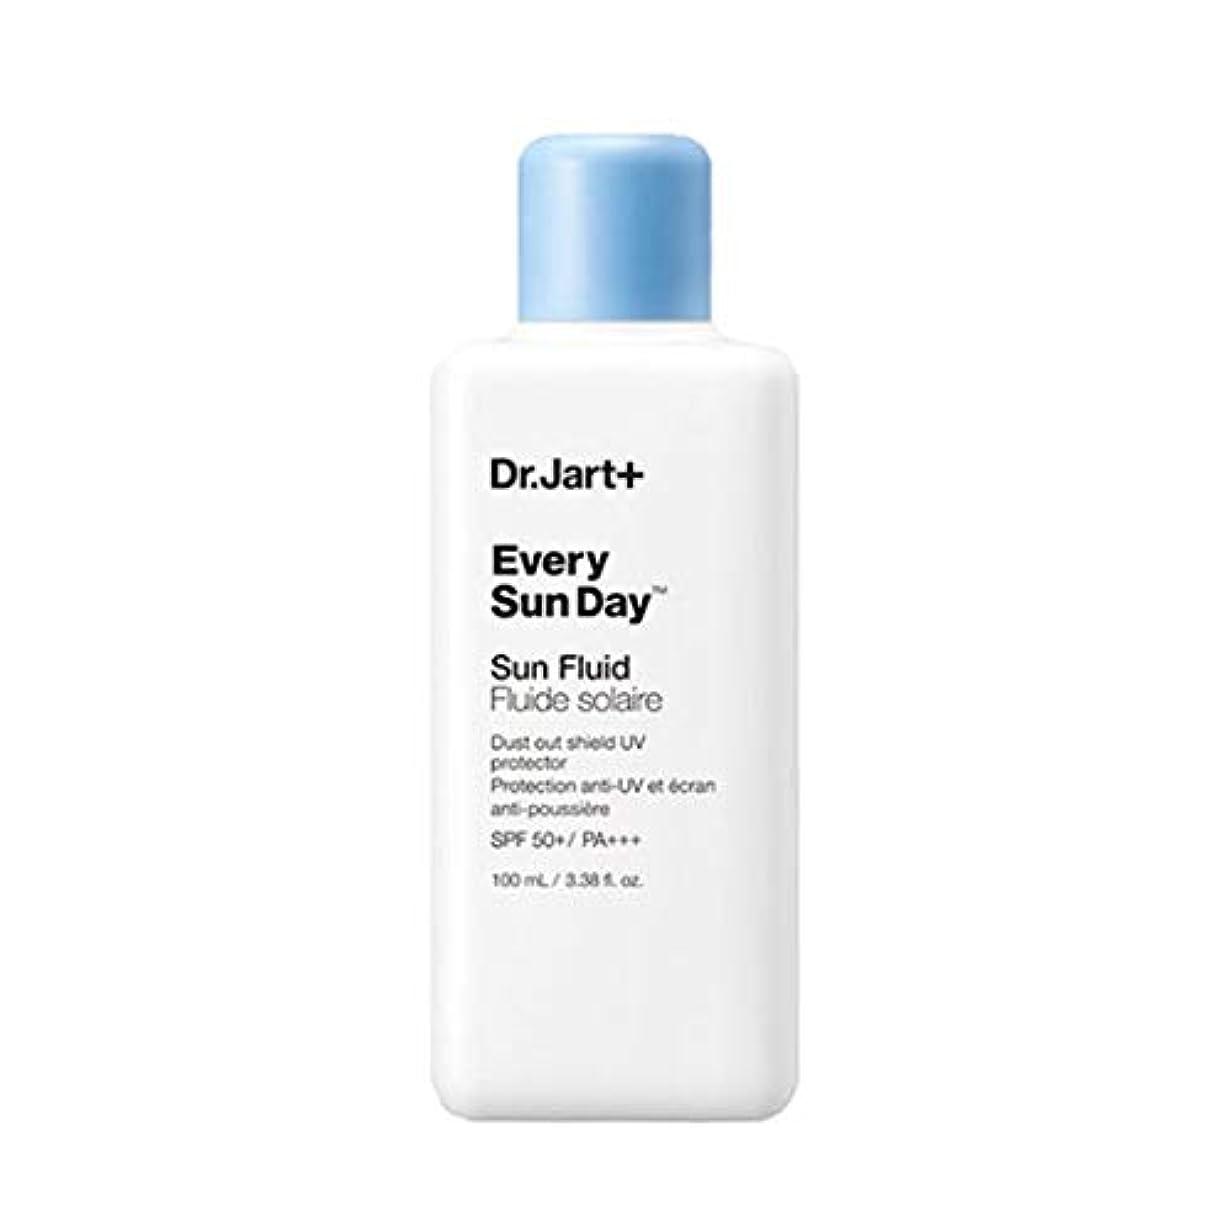 ドクタージャルトゥエヴリサンデーソンプルルイドゥSPF50+PA+++100mlソンクリム、Dr.Jart Every Sun Day Sun Fluid SPF50+ PA+++ 100ml Sun Cream [並行輸入品]